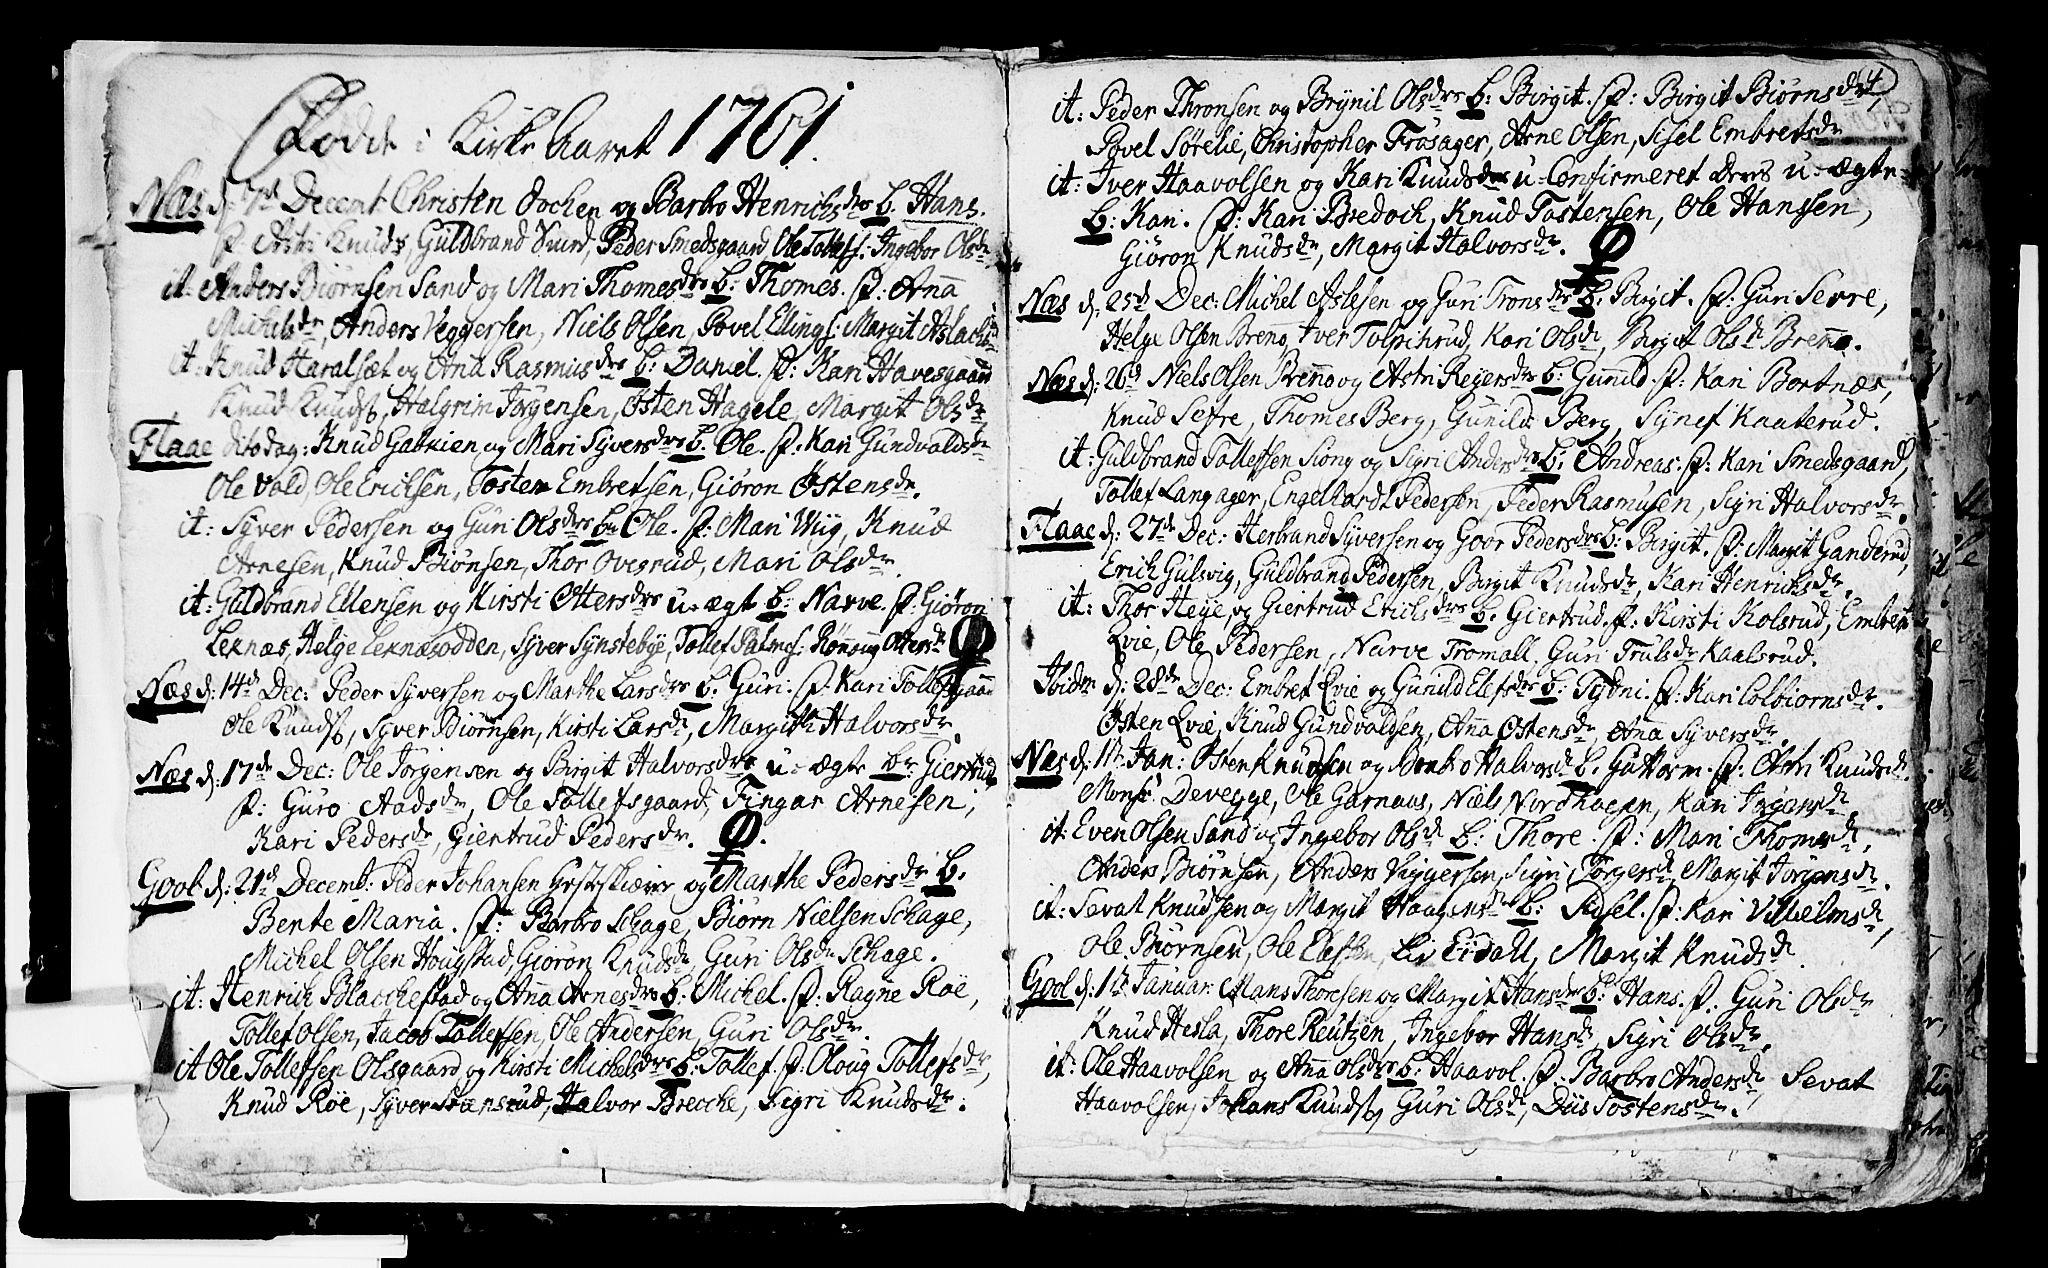 SAKO, Nes kirkebøker, F/Fa/L0003: Ministerialbok nr. 3, 1760-1764, s. 4